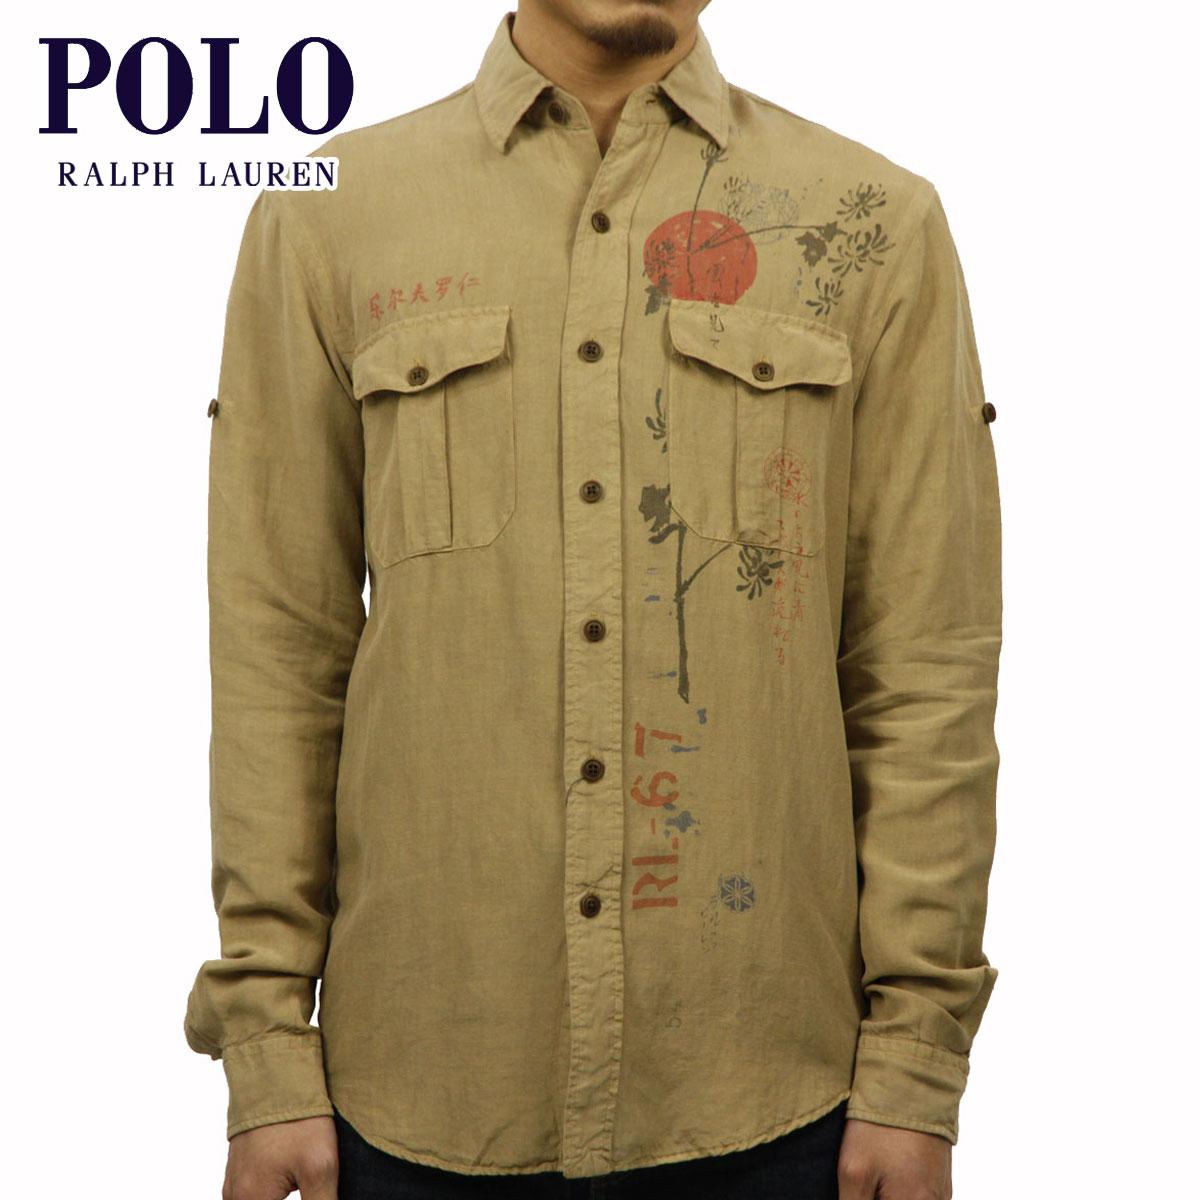 ポロ ラルフローレン POLO RALPH LAUREN 正規品 メンズ 長袖シャツ Custom Graphic Linen Shirt カーキ D20S30